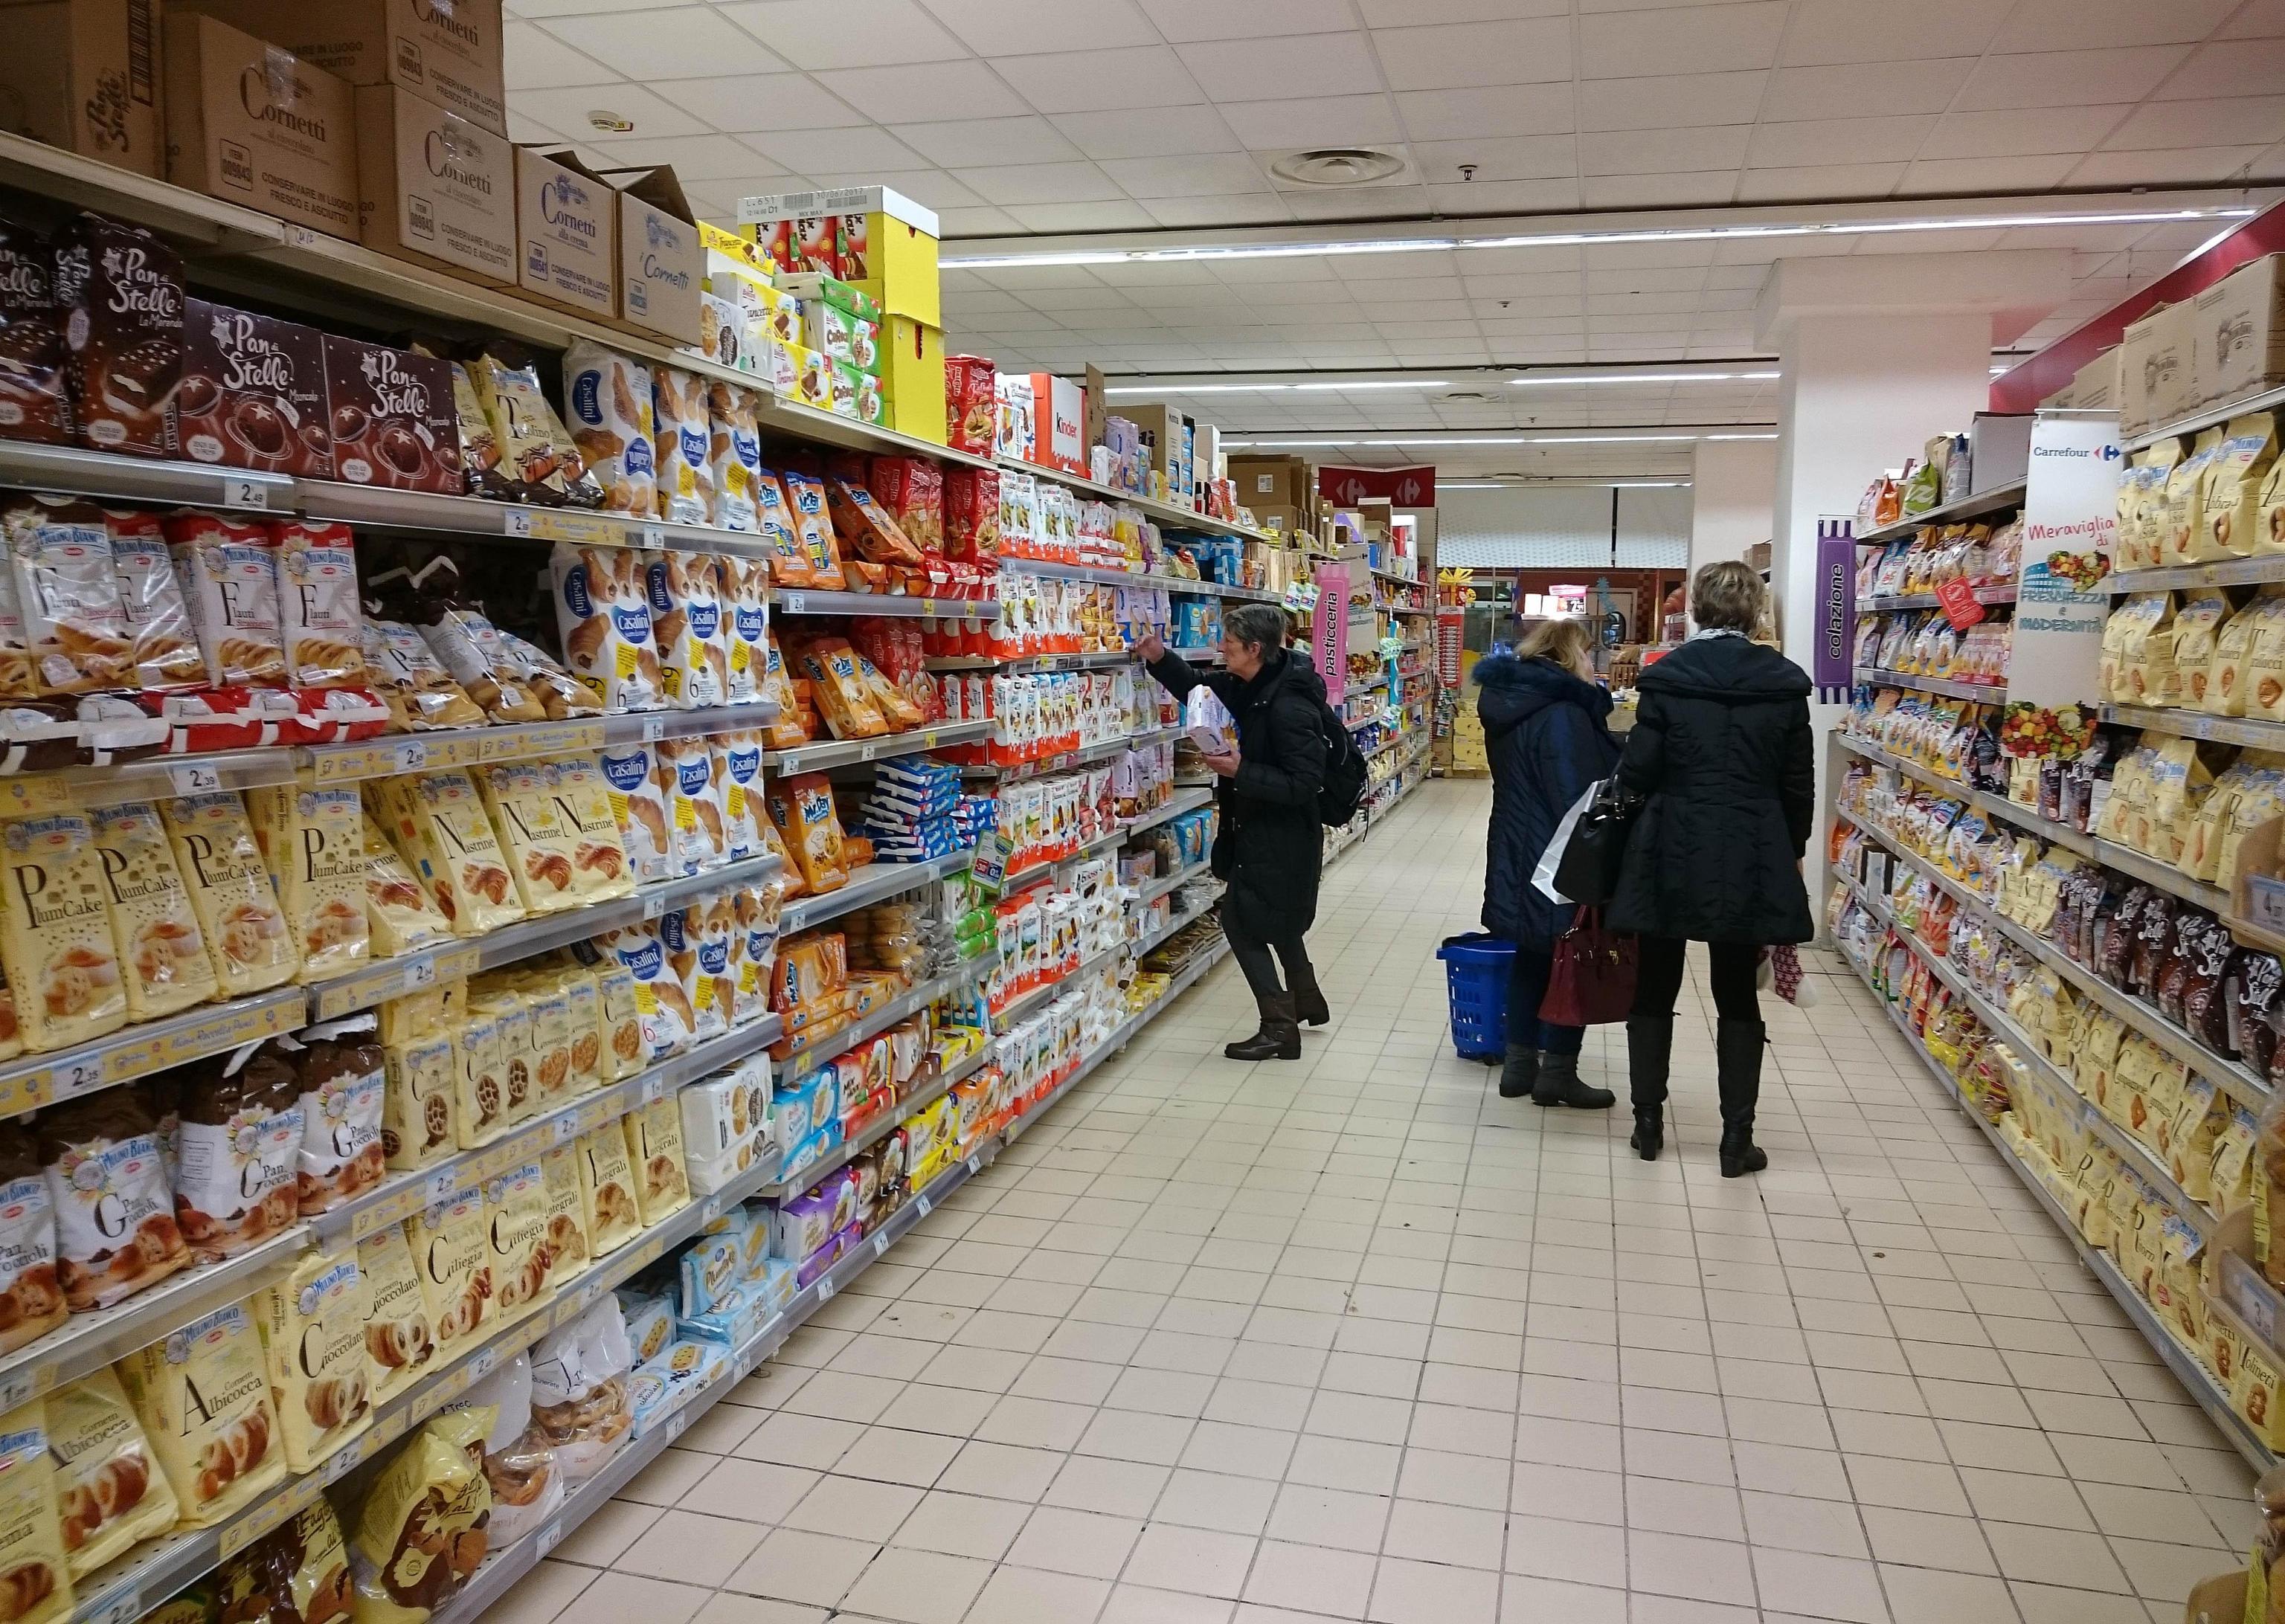 Licenziato dal supermercato per aver rubato poche caramelle: per la Cassazione è giusto così